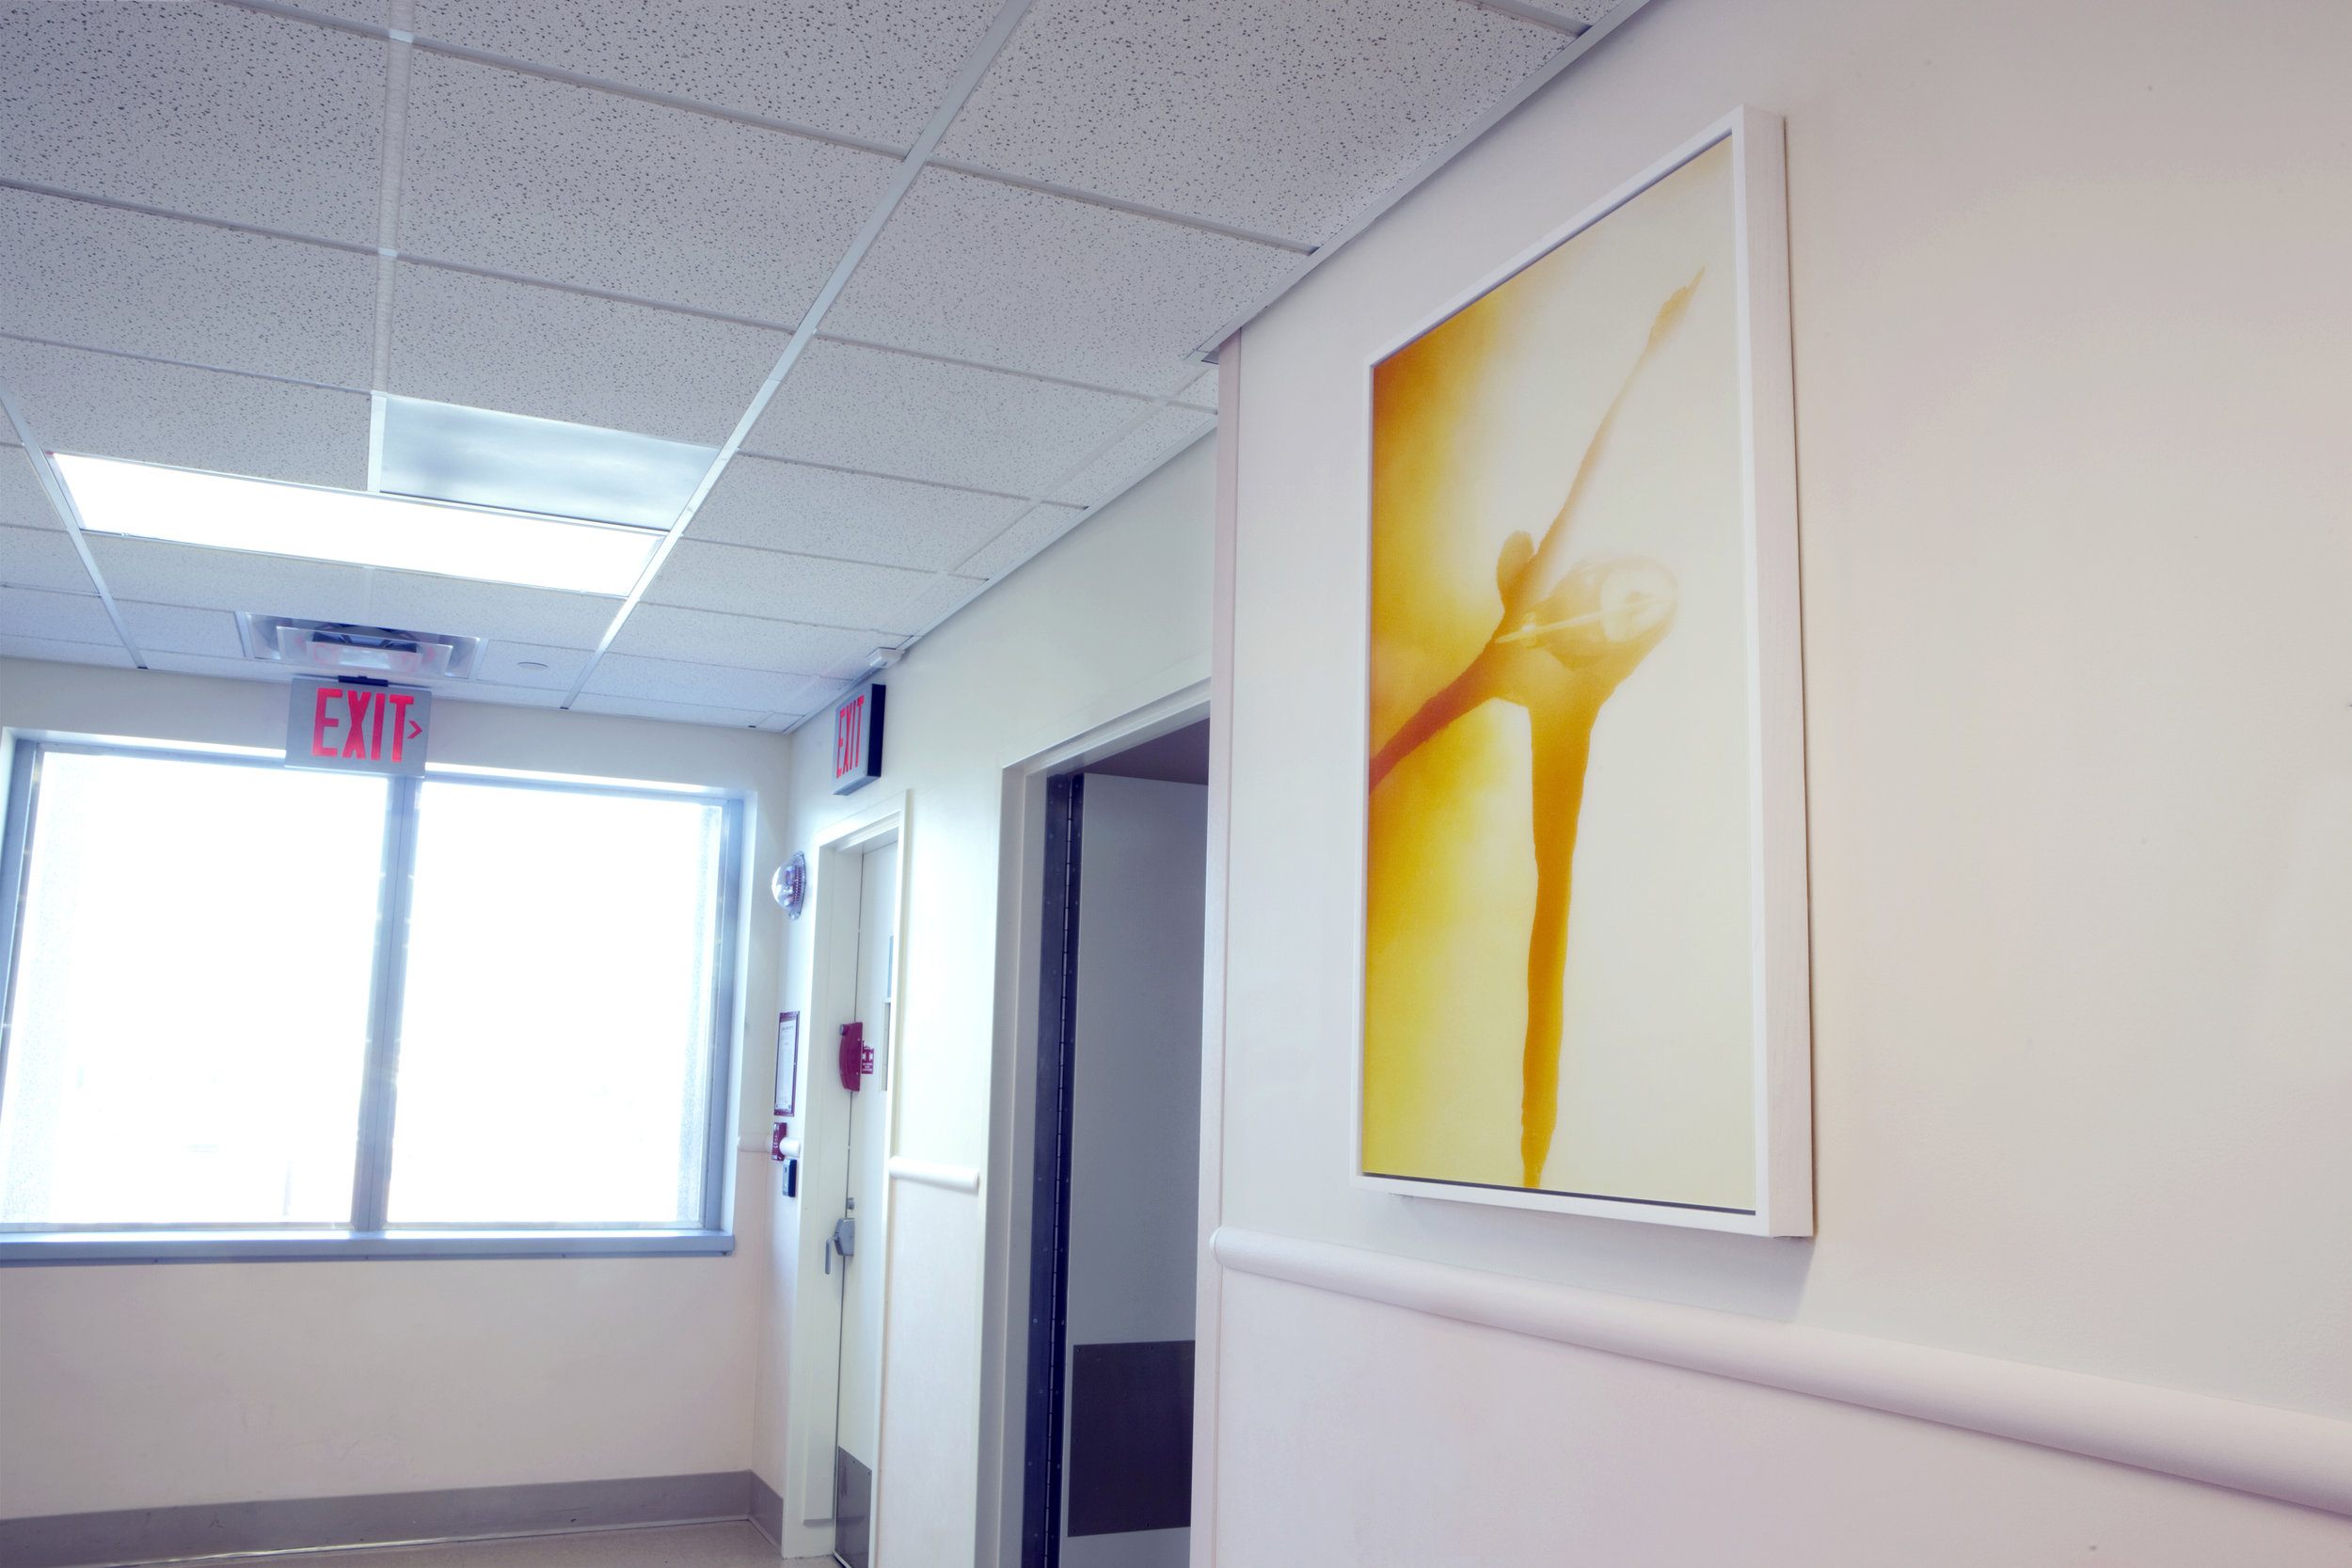 re2012_RxArt_Kings_County_Hospital_Evan Lysacek.jpg